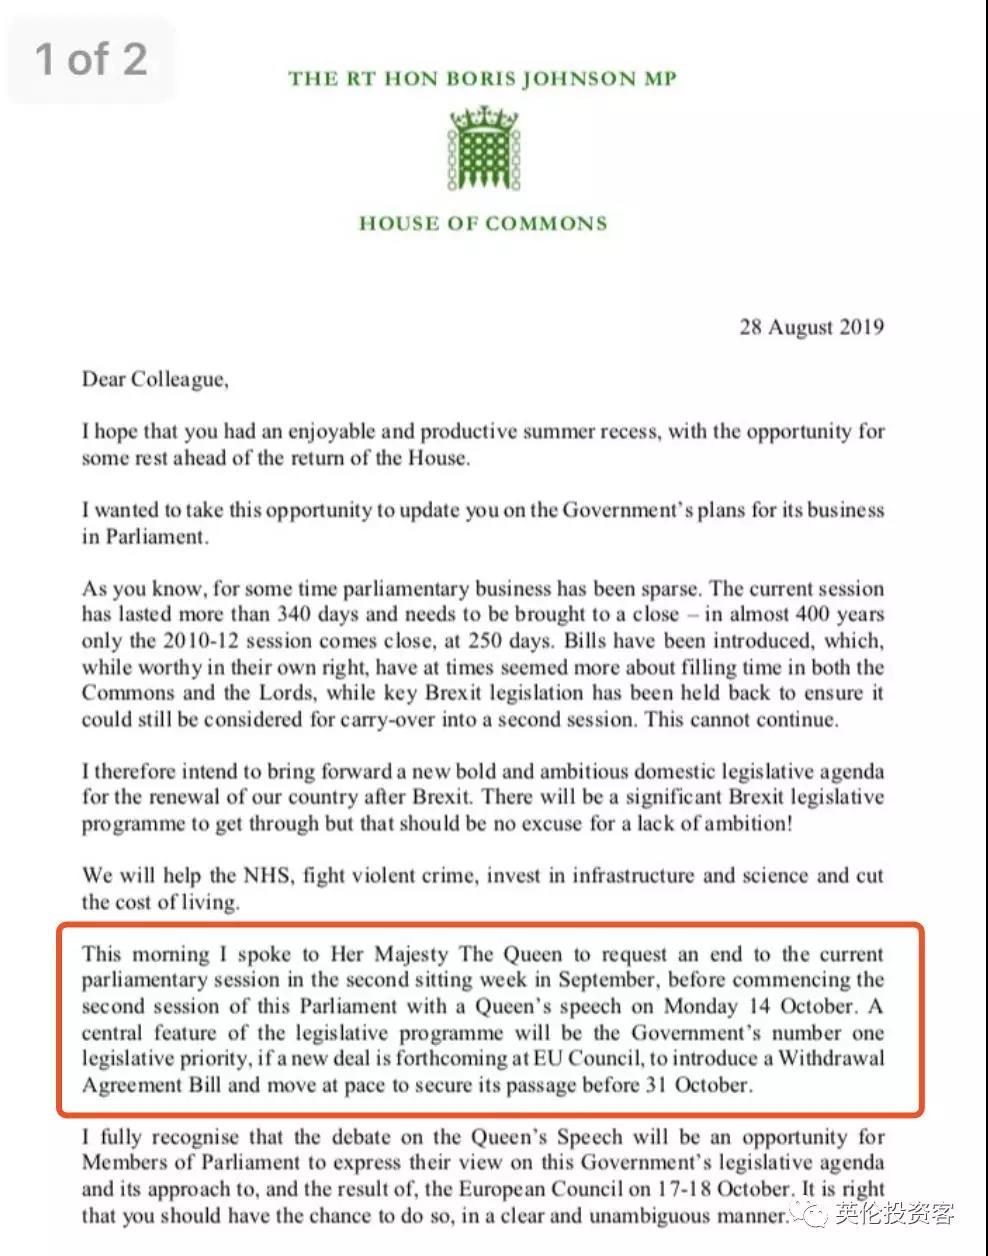 首相出狠招!英女王同意议会休会 英镑应声暴跌